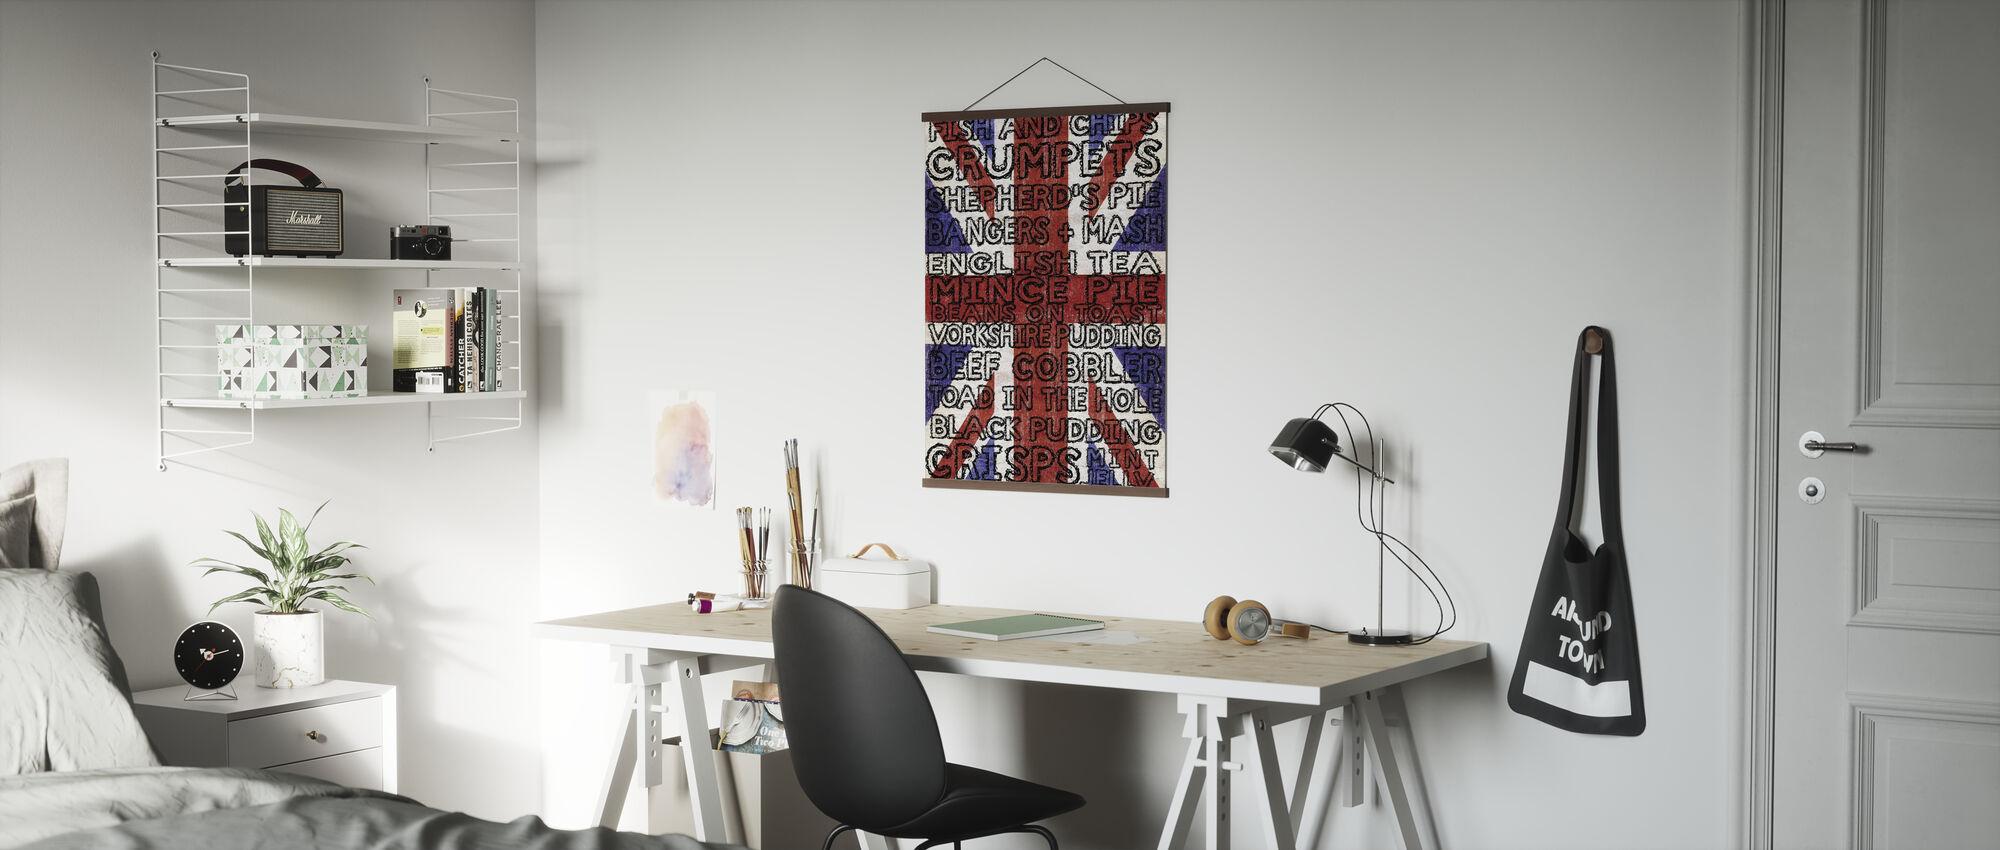 Keuken geschikt voor een koningin - Poster - Kantoor